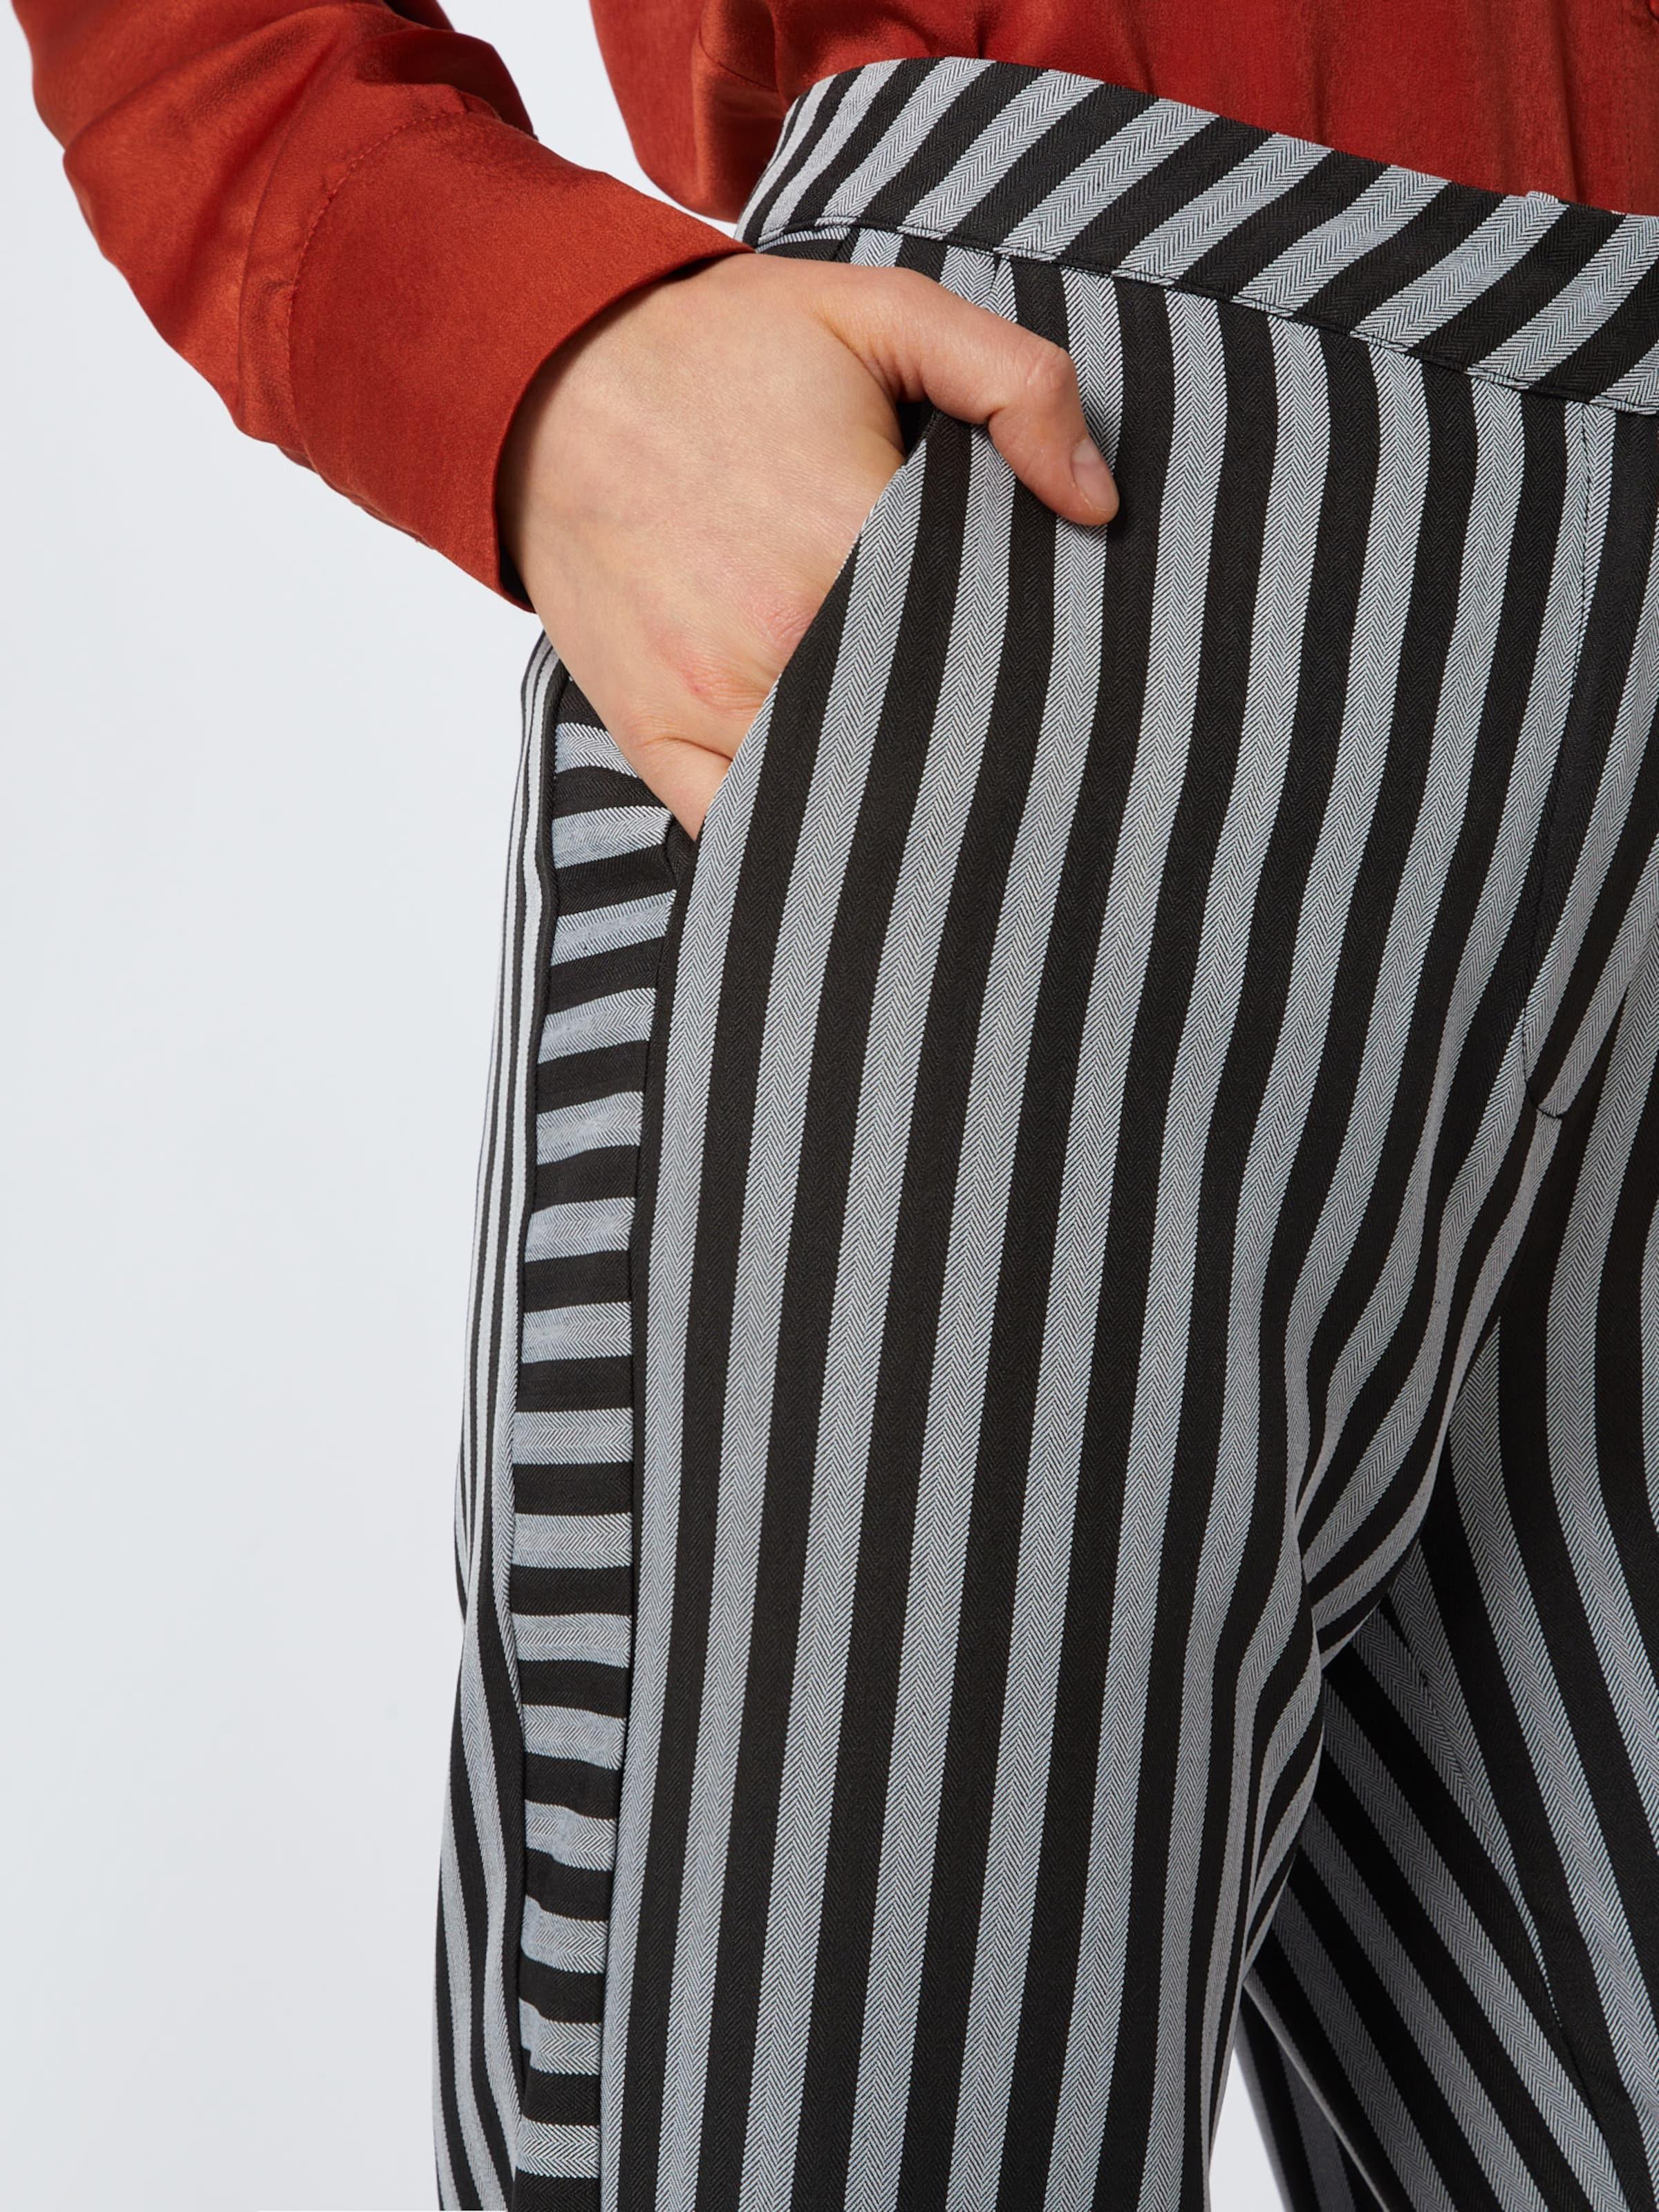 'objfilina Bsfd' Object A Pantalon Pant En Hw NoirArgent F1JlTKc